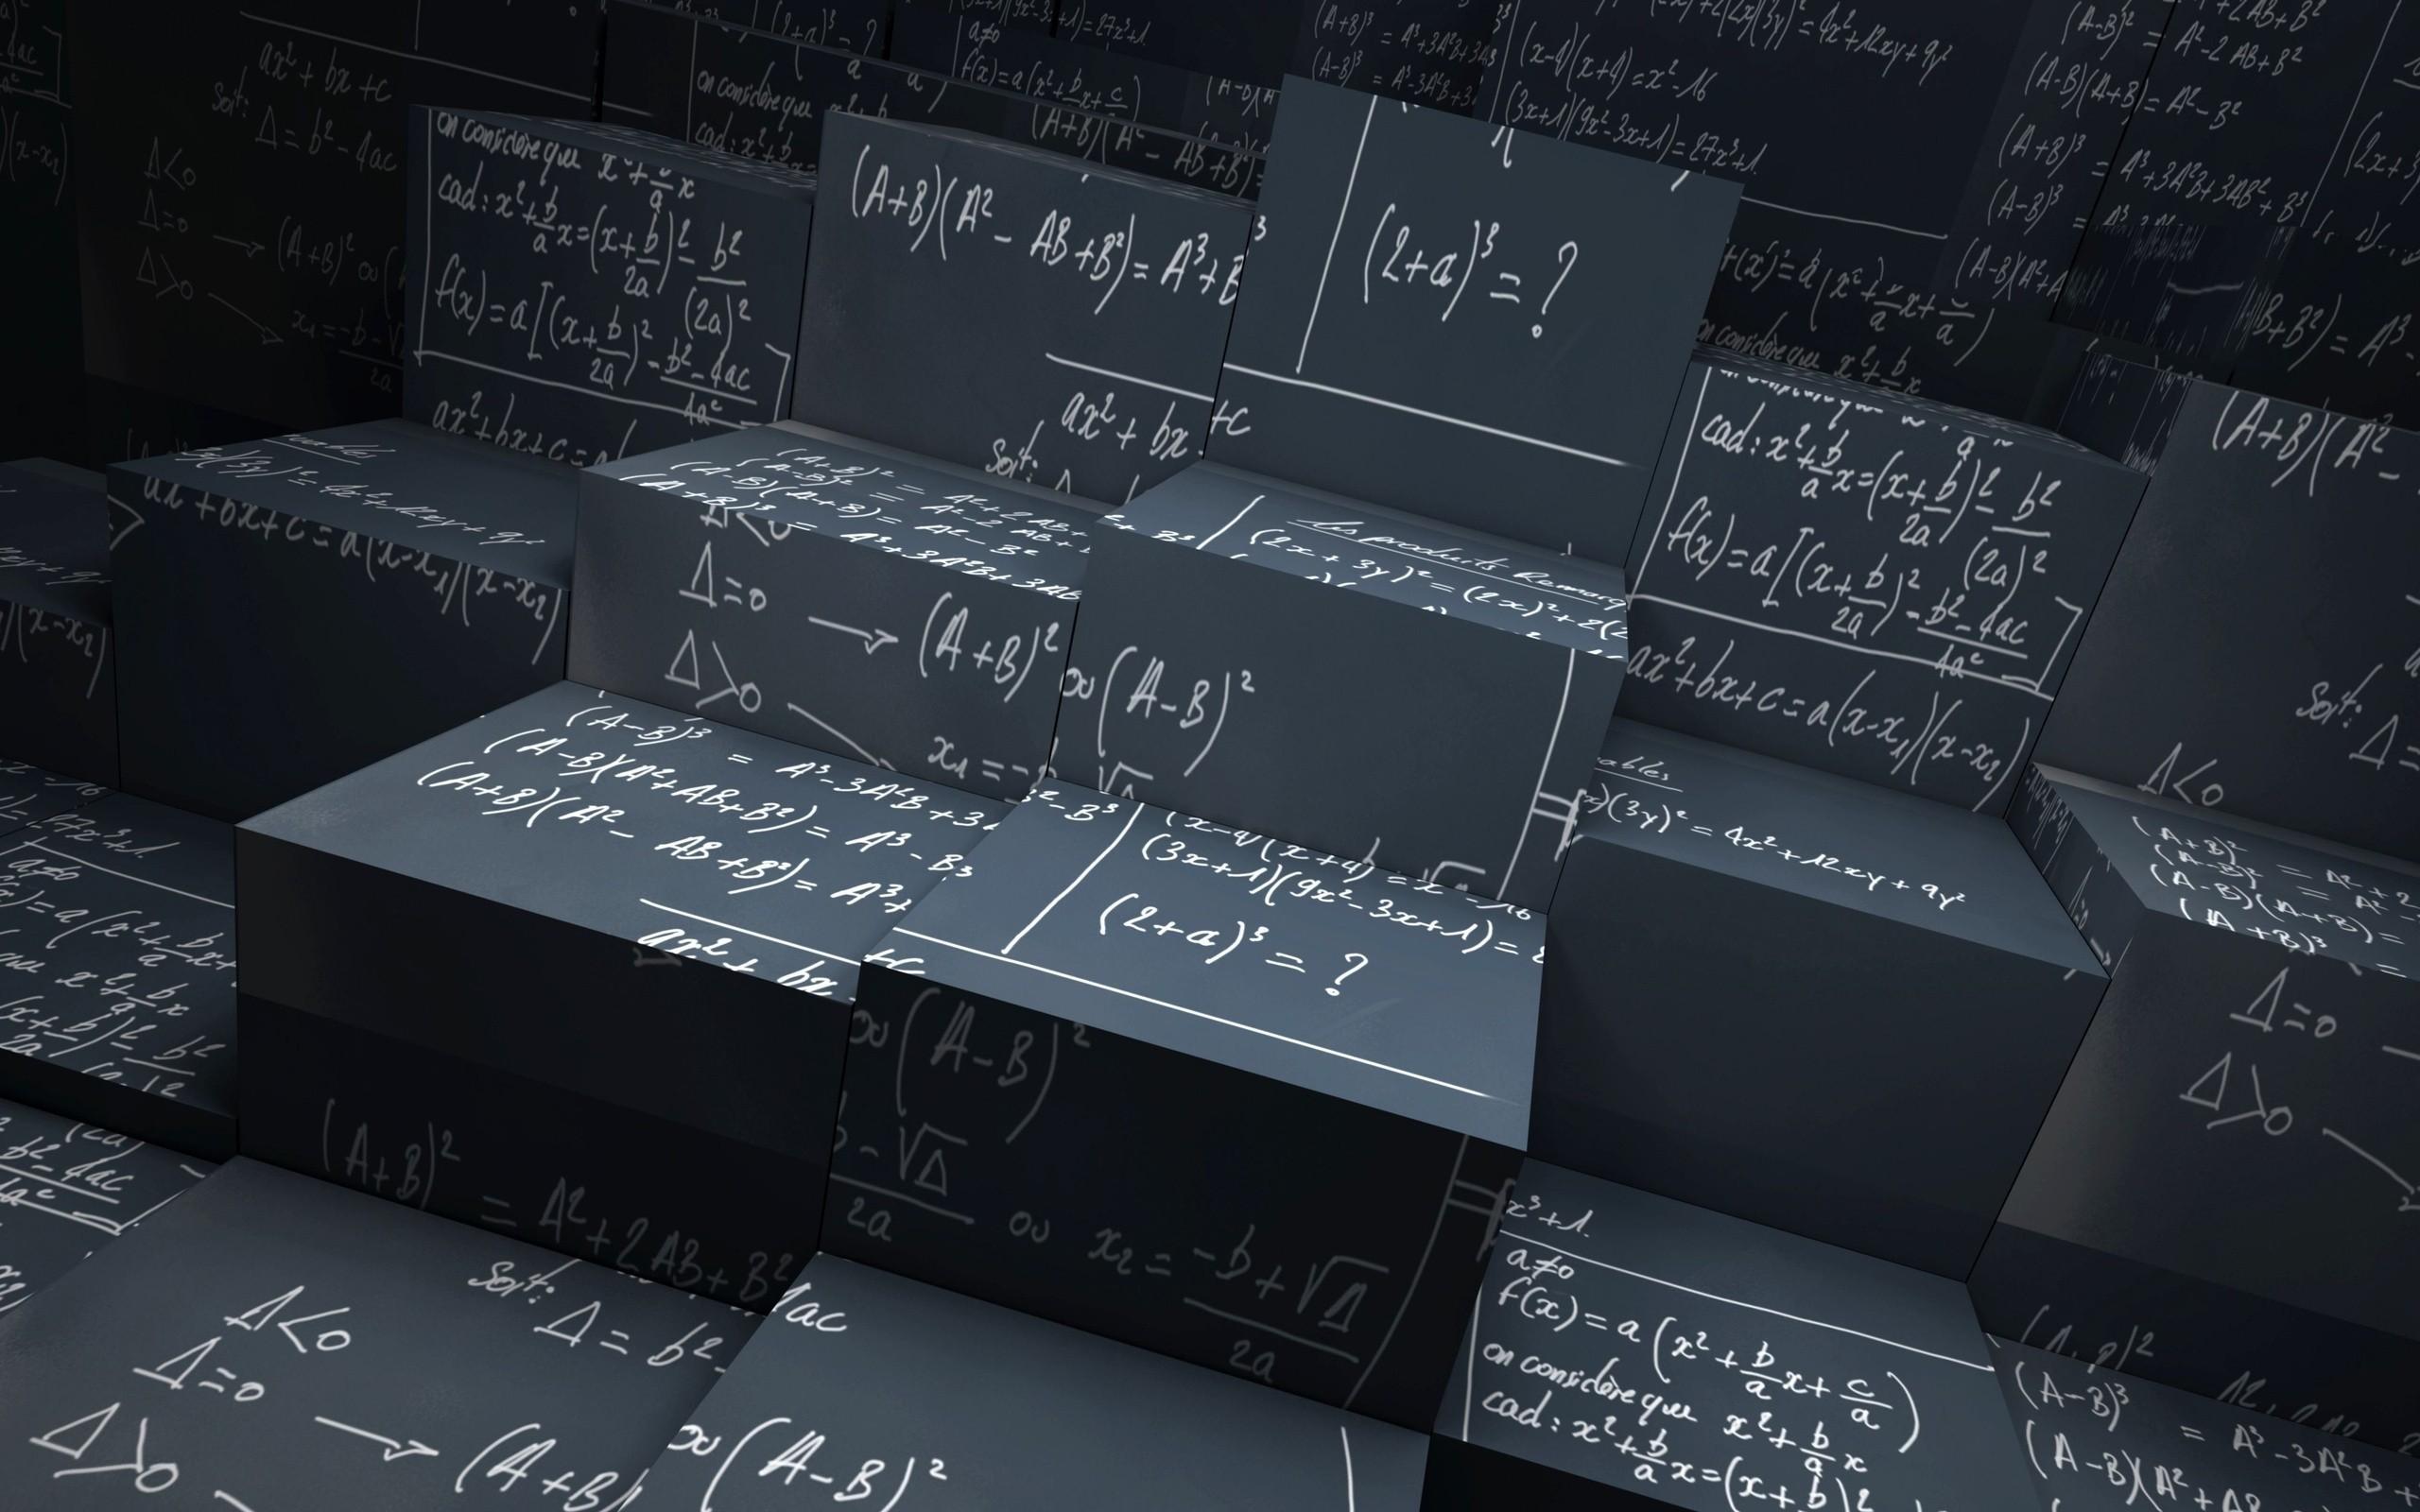 free electrónica teoría de circuitos y dispositivos electrónicos